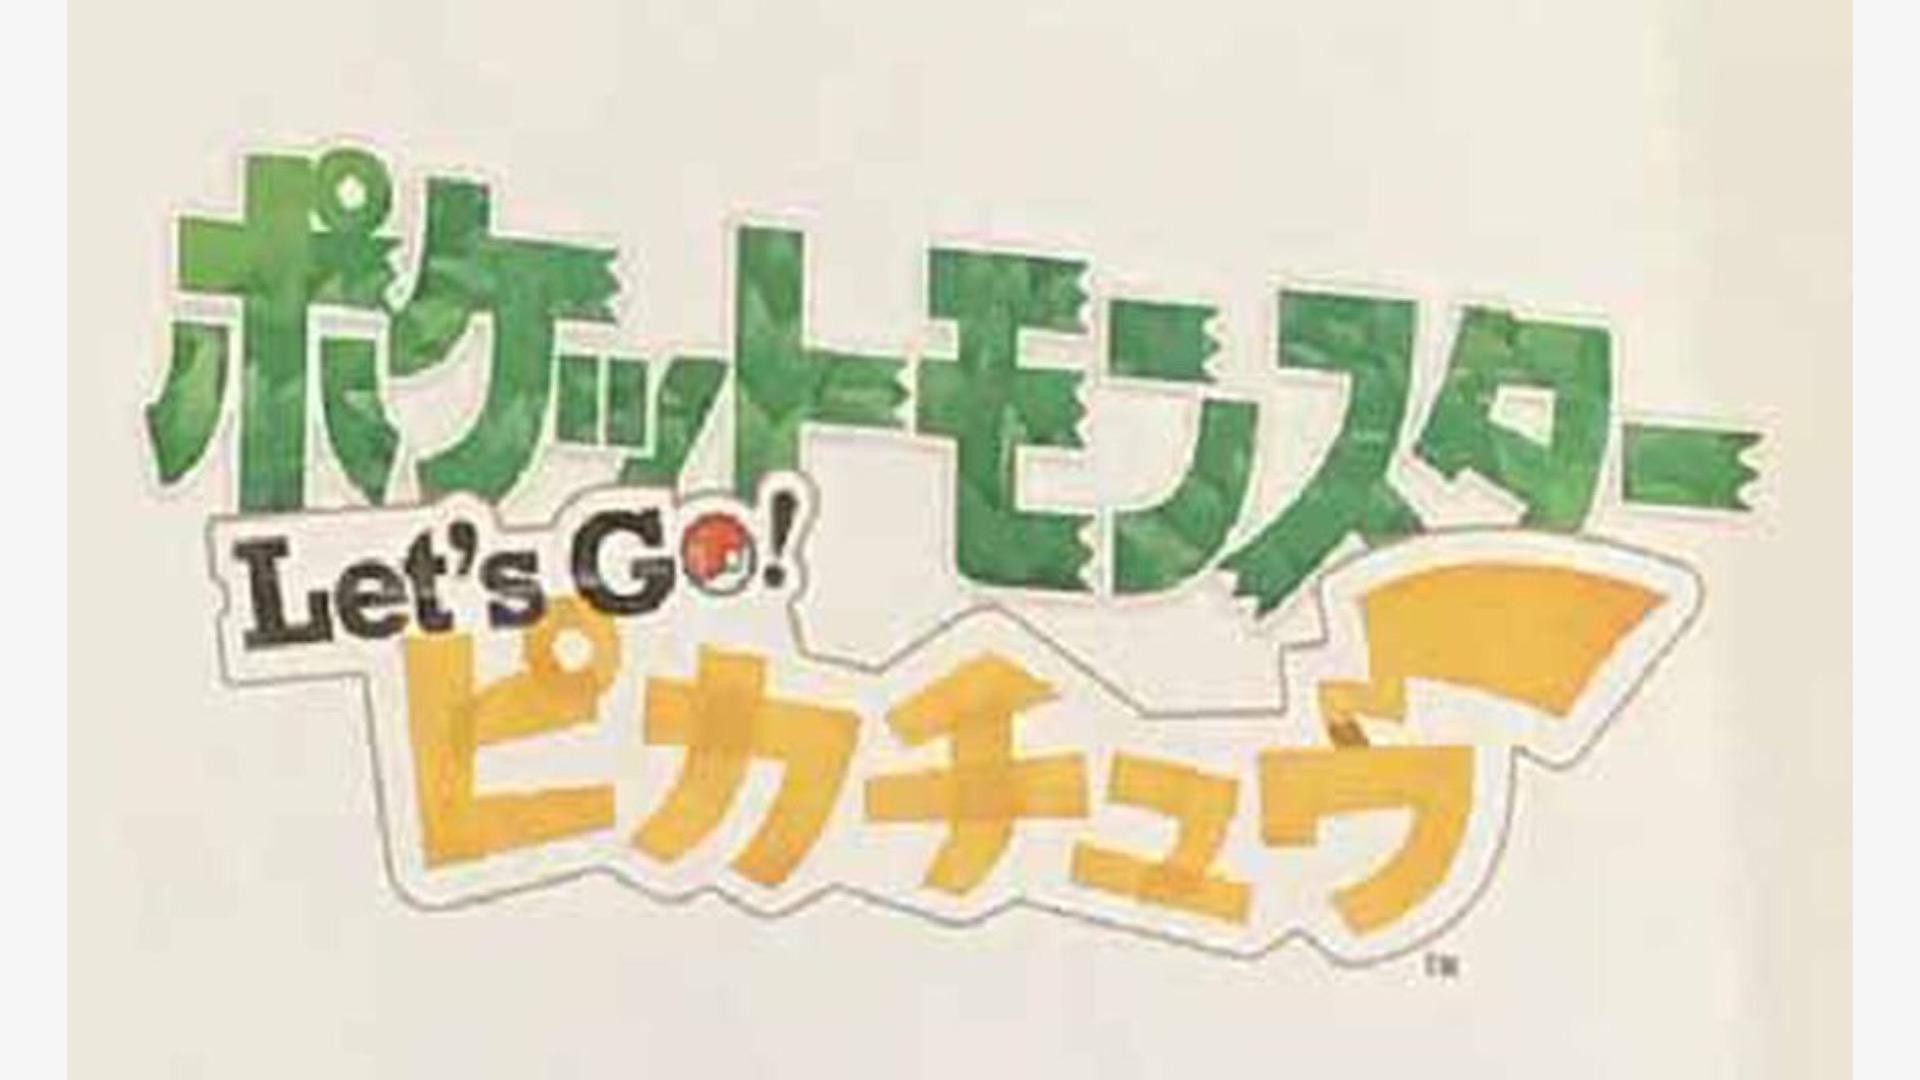 ポケットモンスター let's go!」はピカチュウ版リメイク?想像と期待